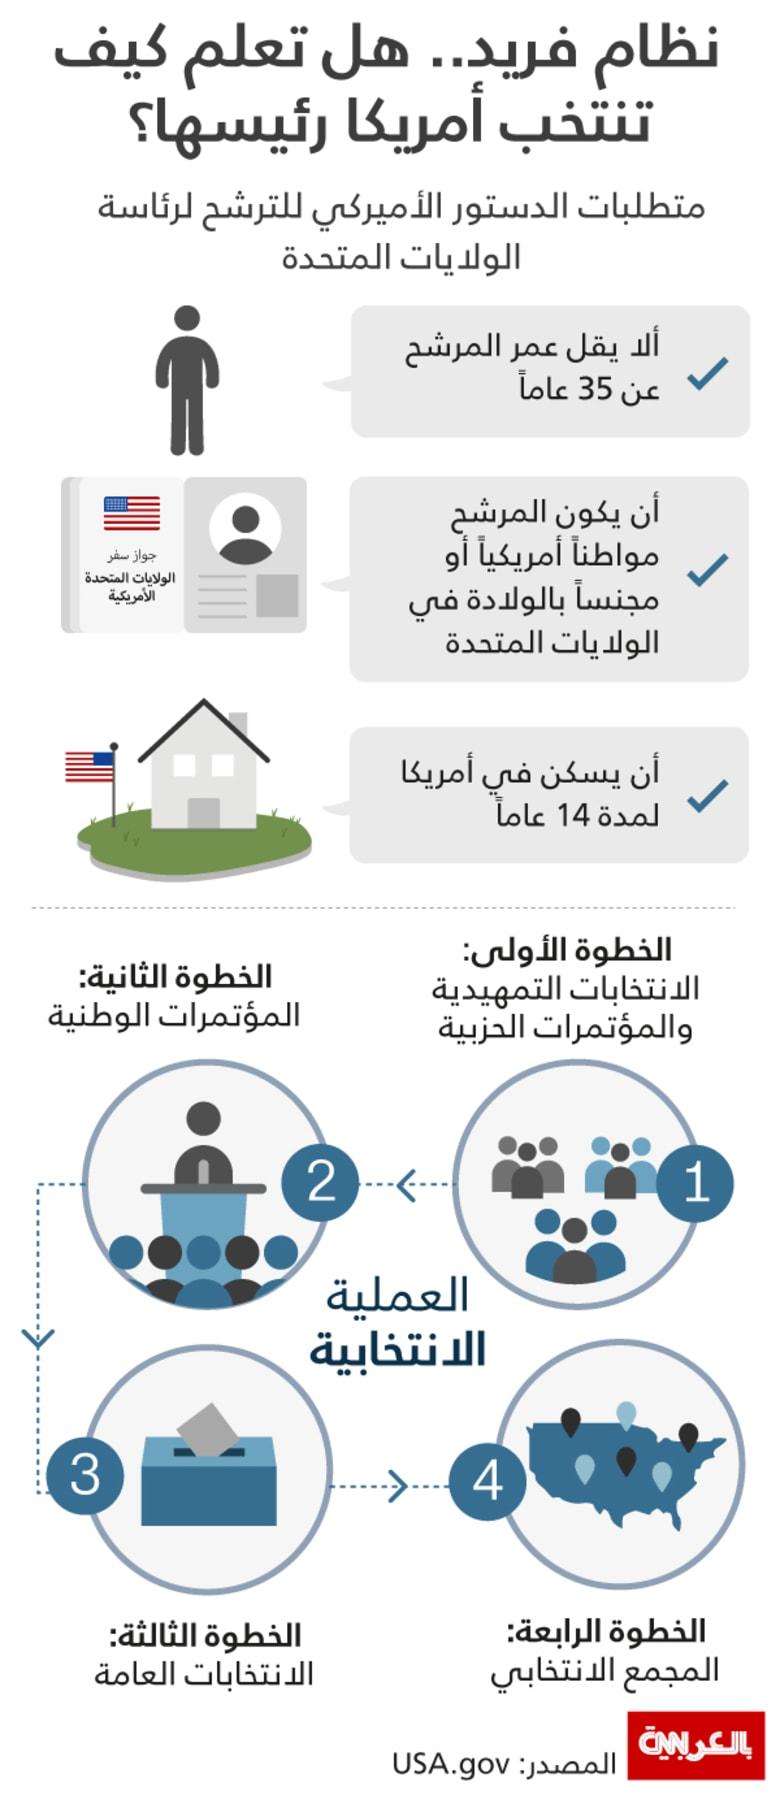 انفوجرافيك: نظام فريد.. هل تعلم كيف تنتخب أمريكا رئيسها؟